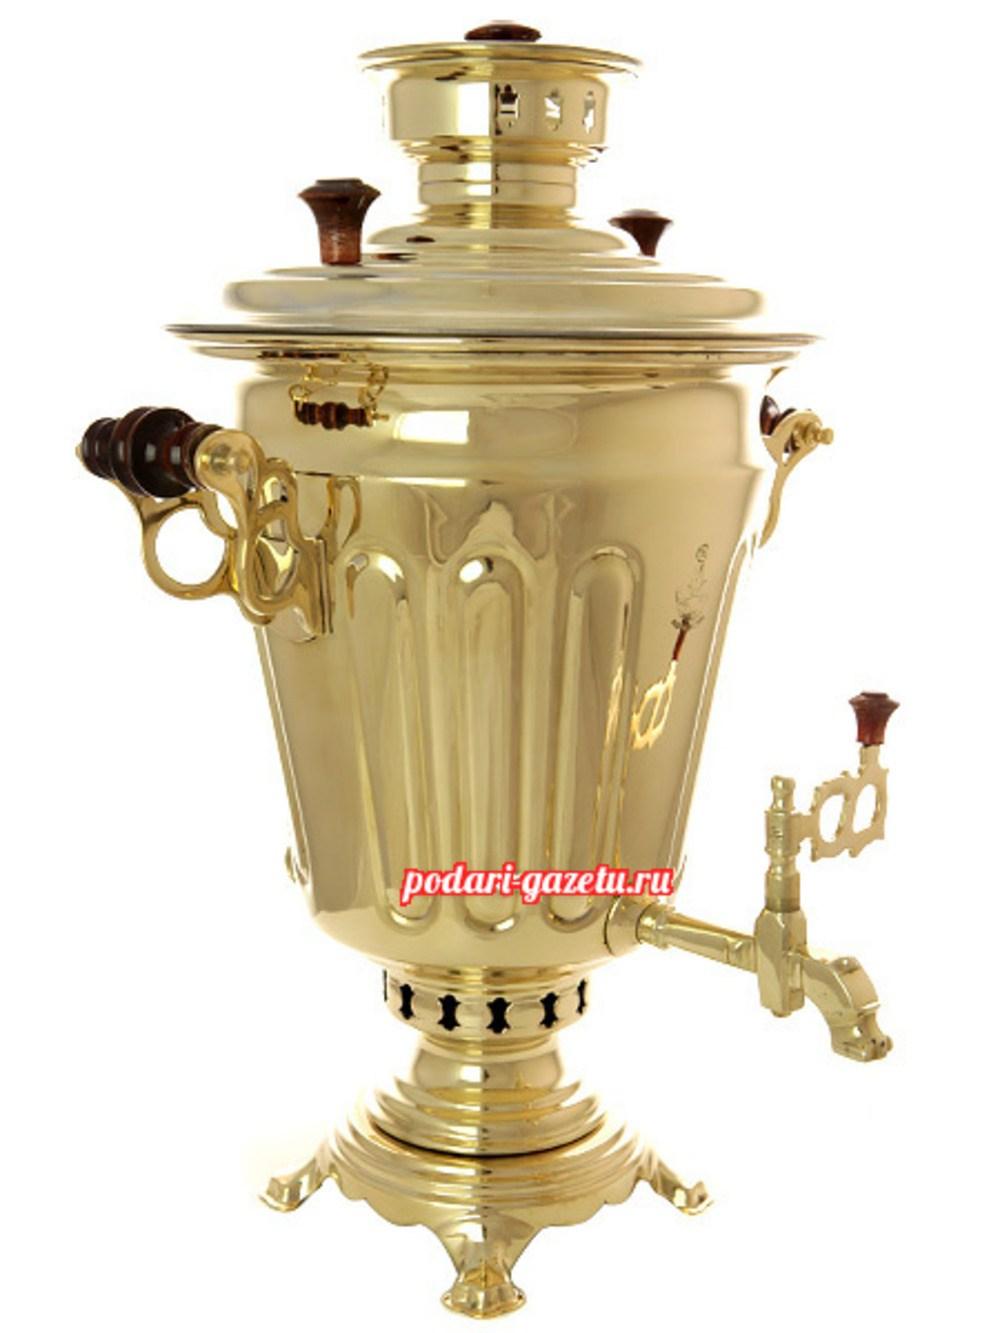 Антикварный комбинированный самовар (электрический/угольный) (5 литров) желтый конус